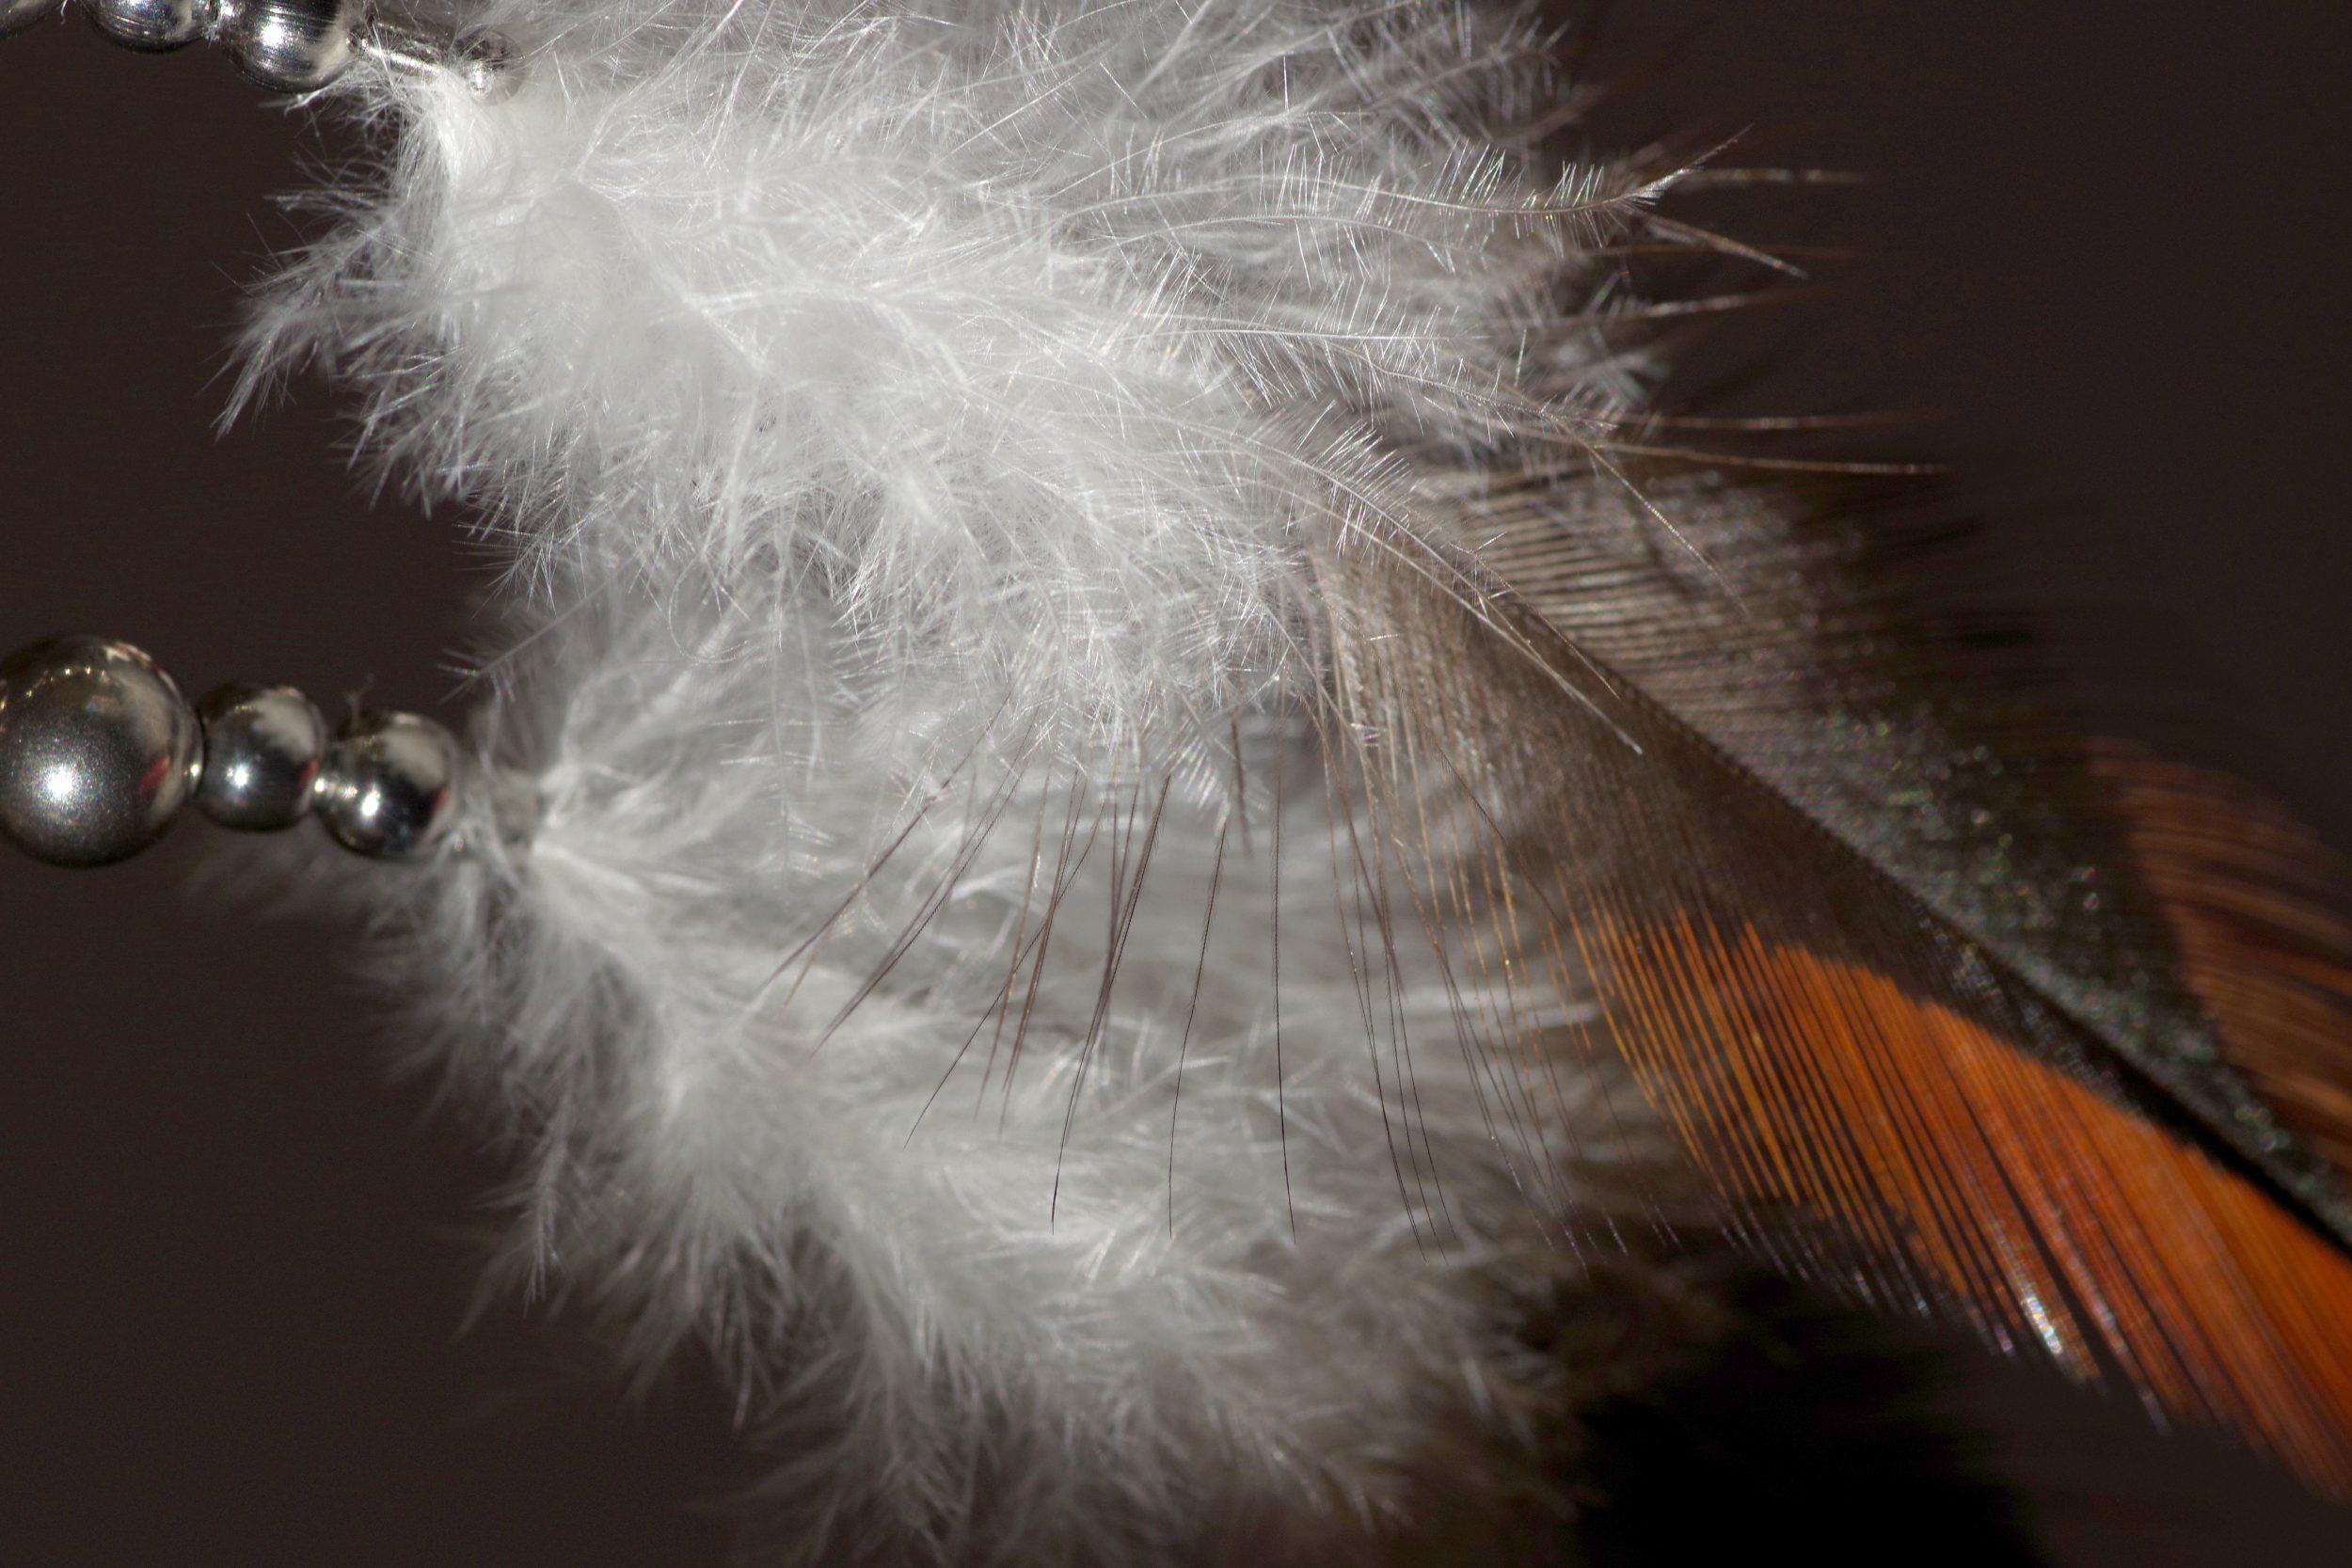 très longues plumes effilées marron avec une zone duveteuse blanche montées en boucles d'oreilles avec des perles en inox, vue en très gros plan